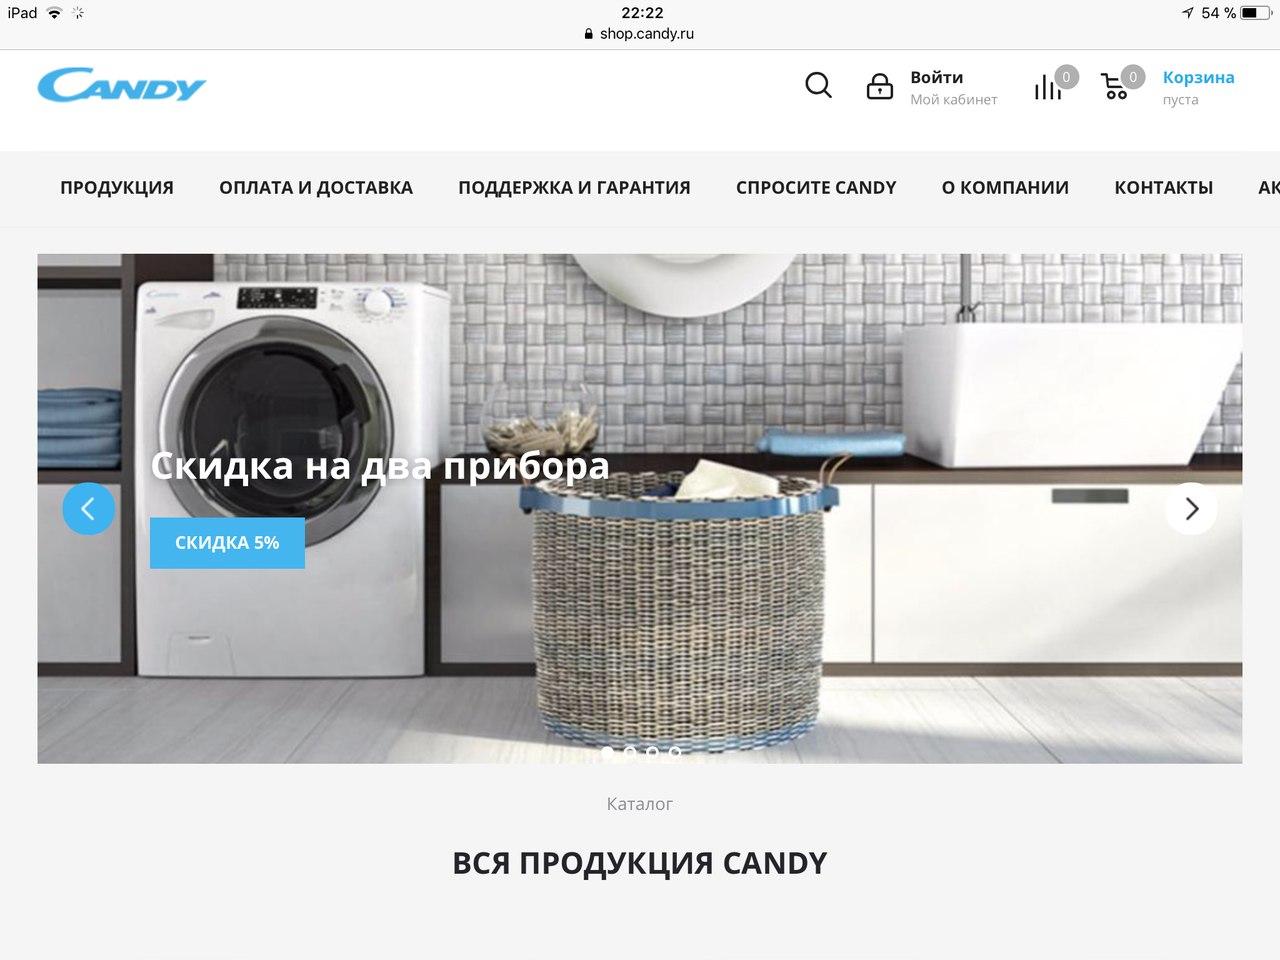 Открытие интернет-магазина CANDY